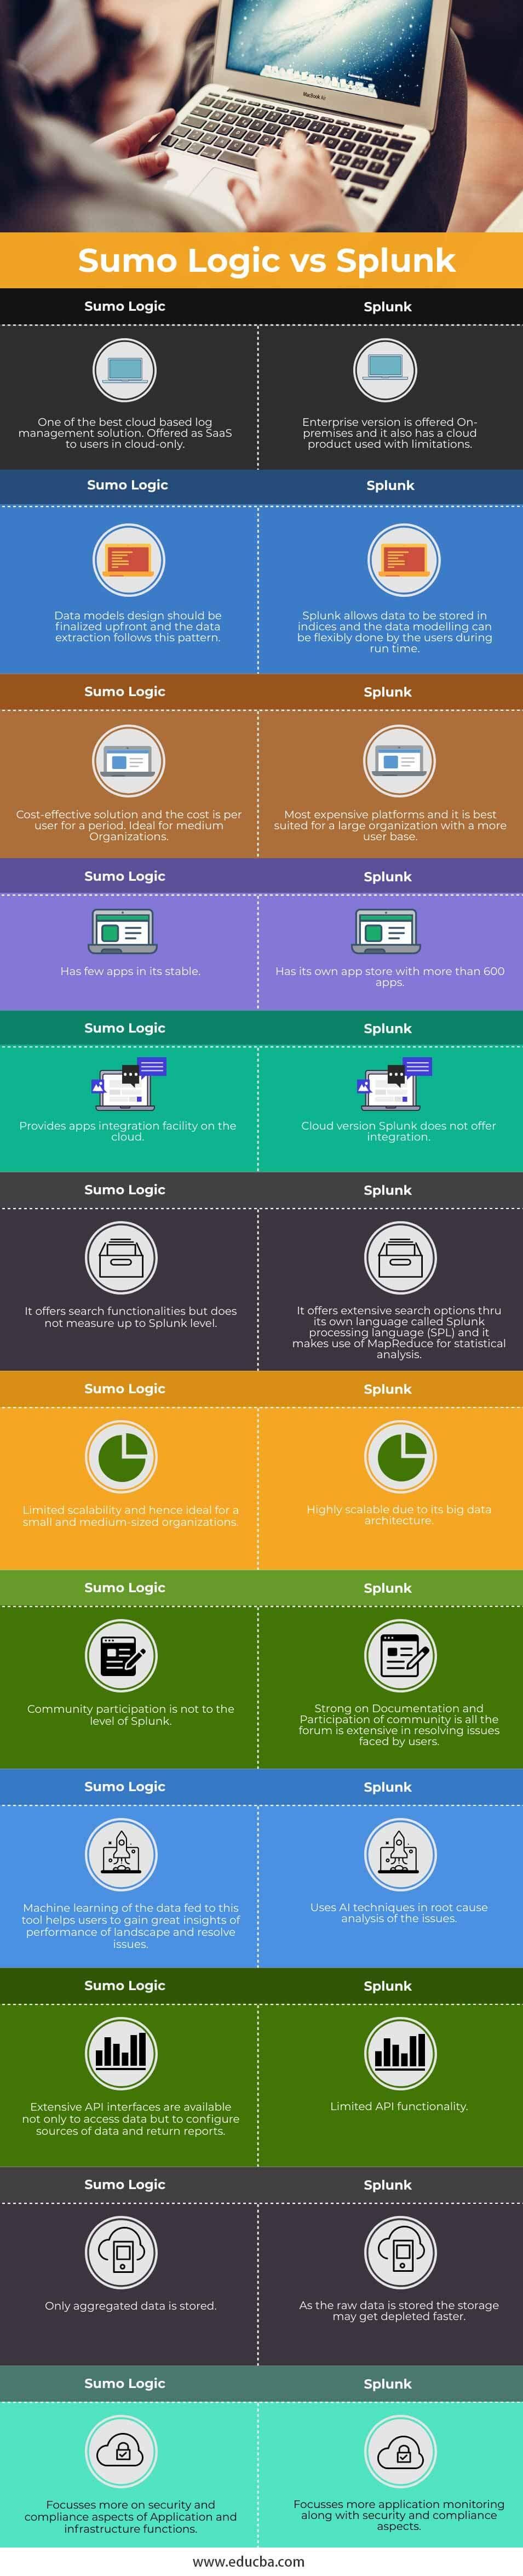 Sumo-Logic-vs-Splunk-info